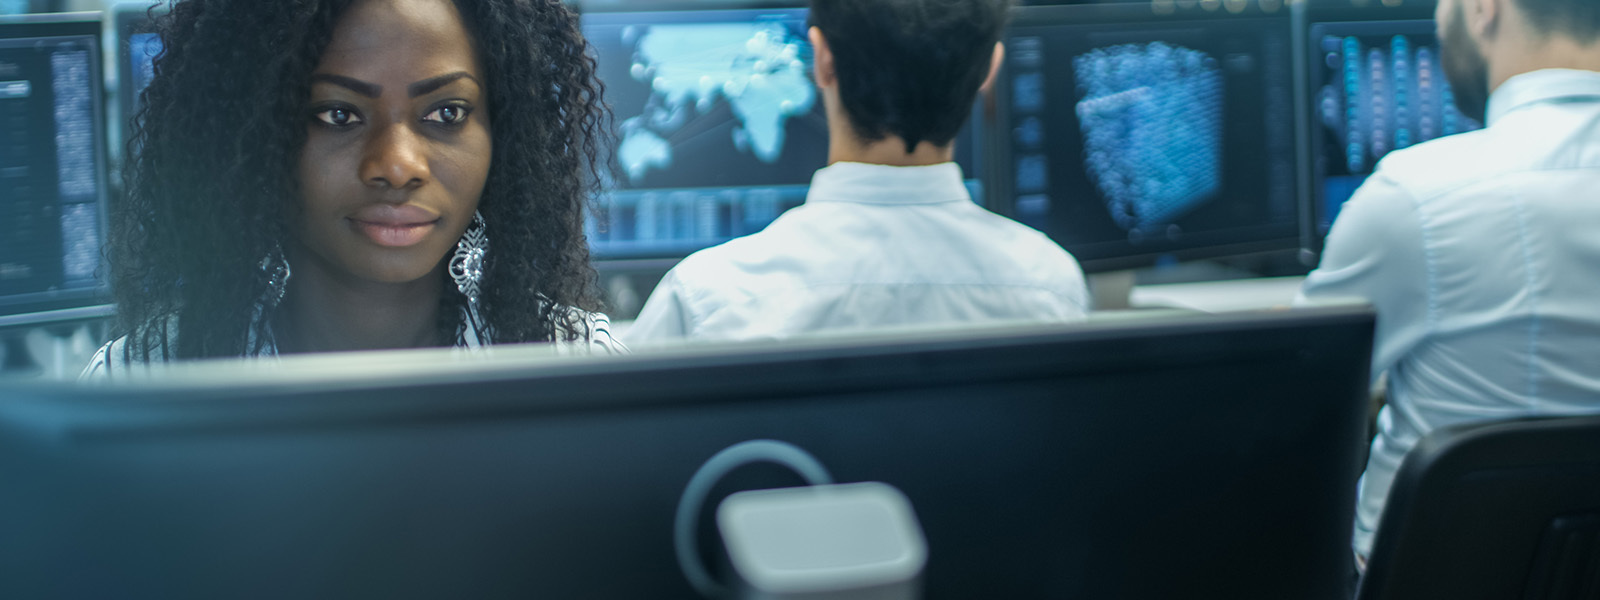 Image d'une femme et de deux hommes travaillant dans une installation informatique surveillant les informations dans un environnement sécurisé.